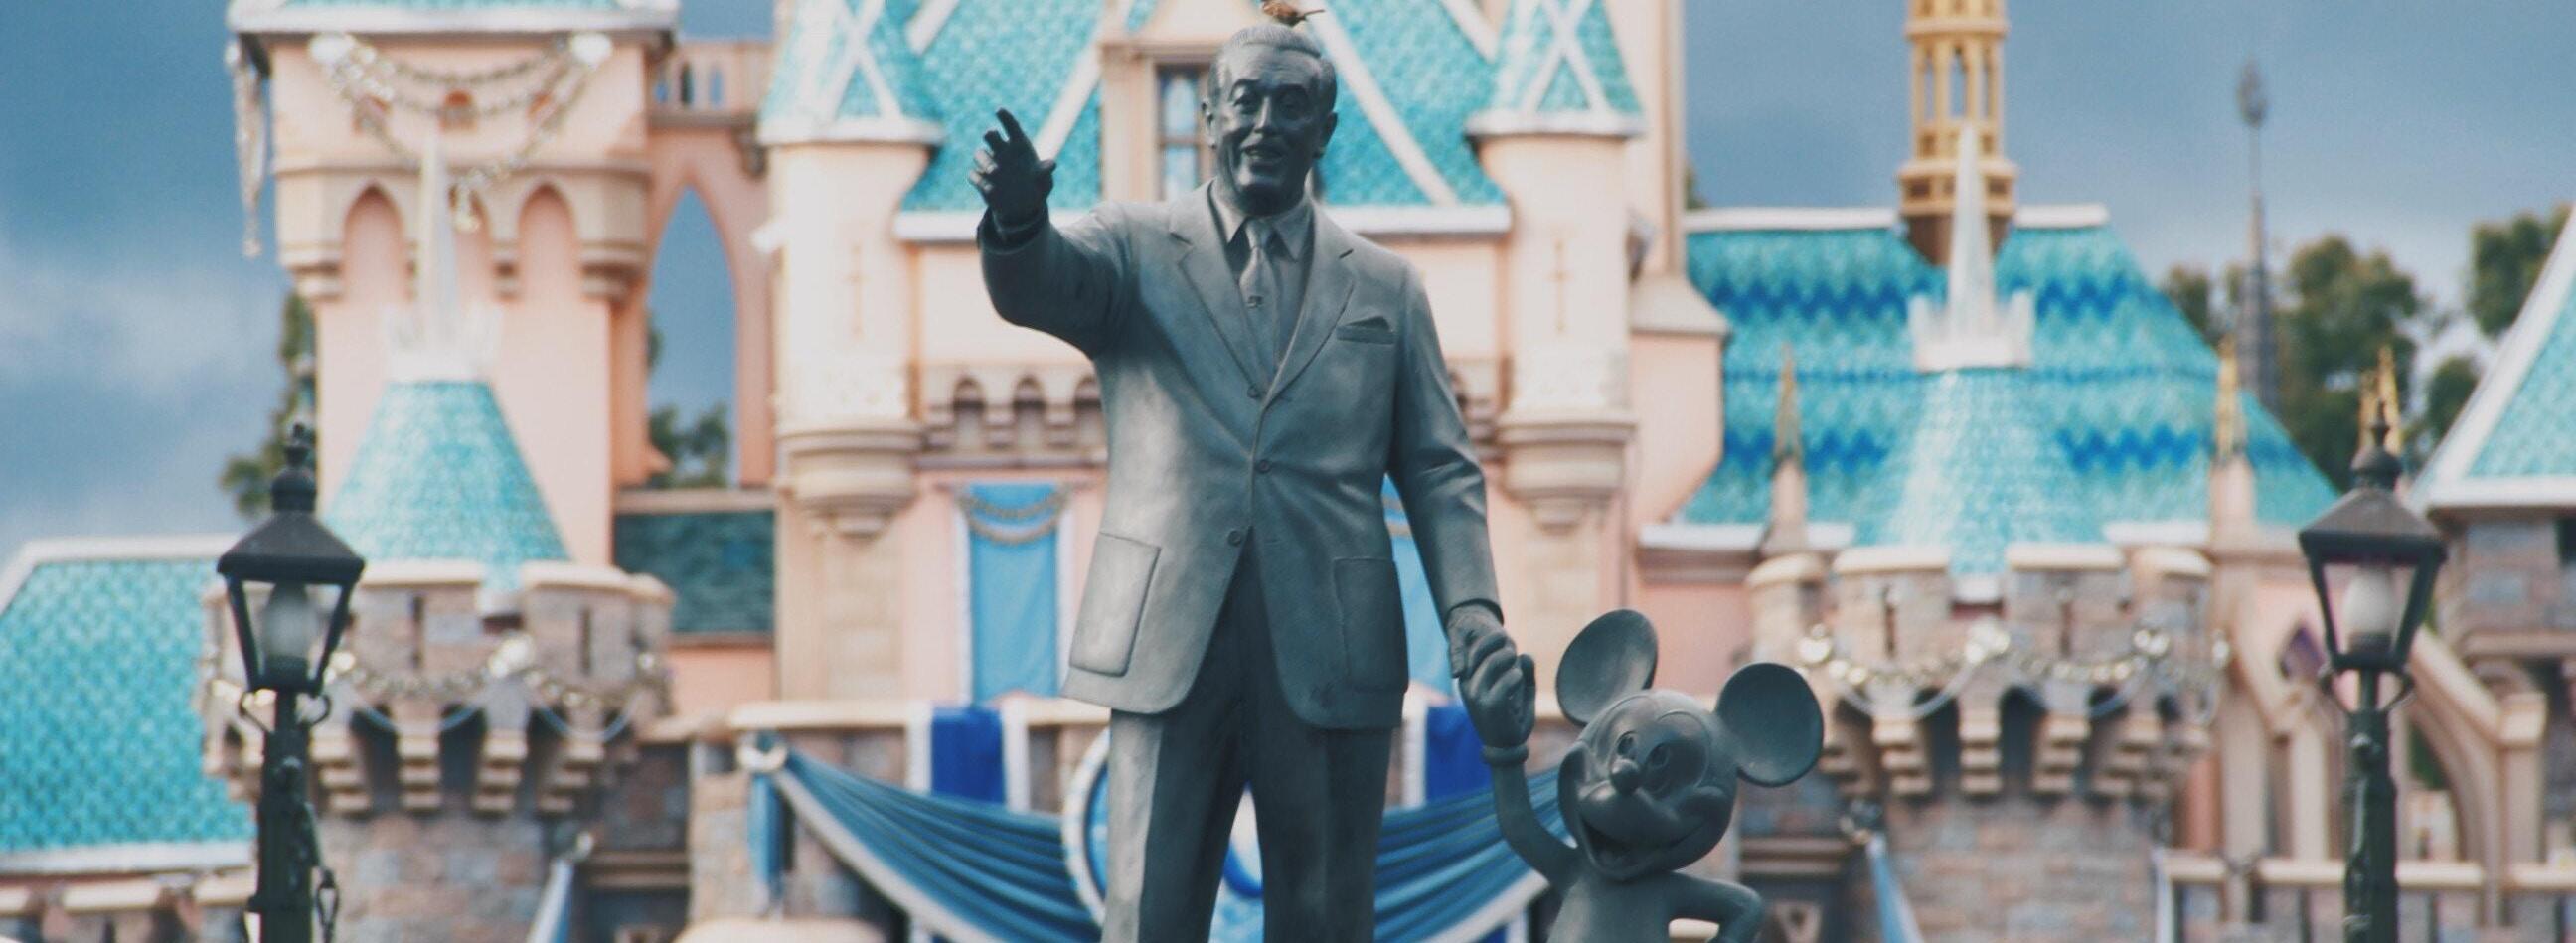 Disney suspende producción de películas no animadas por Covid-19